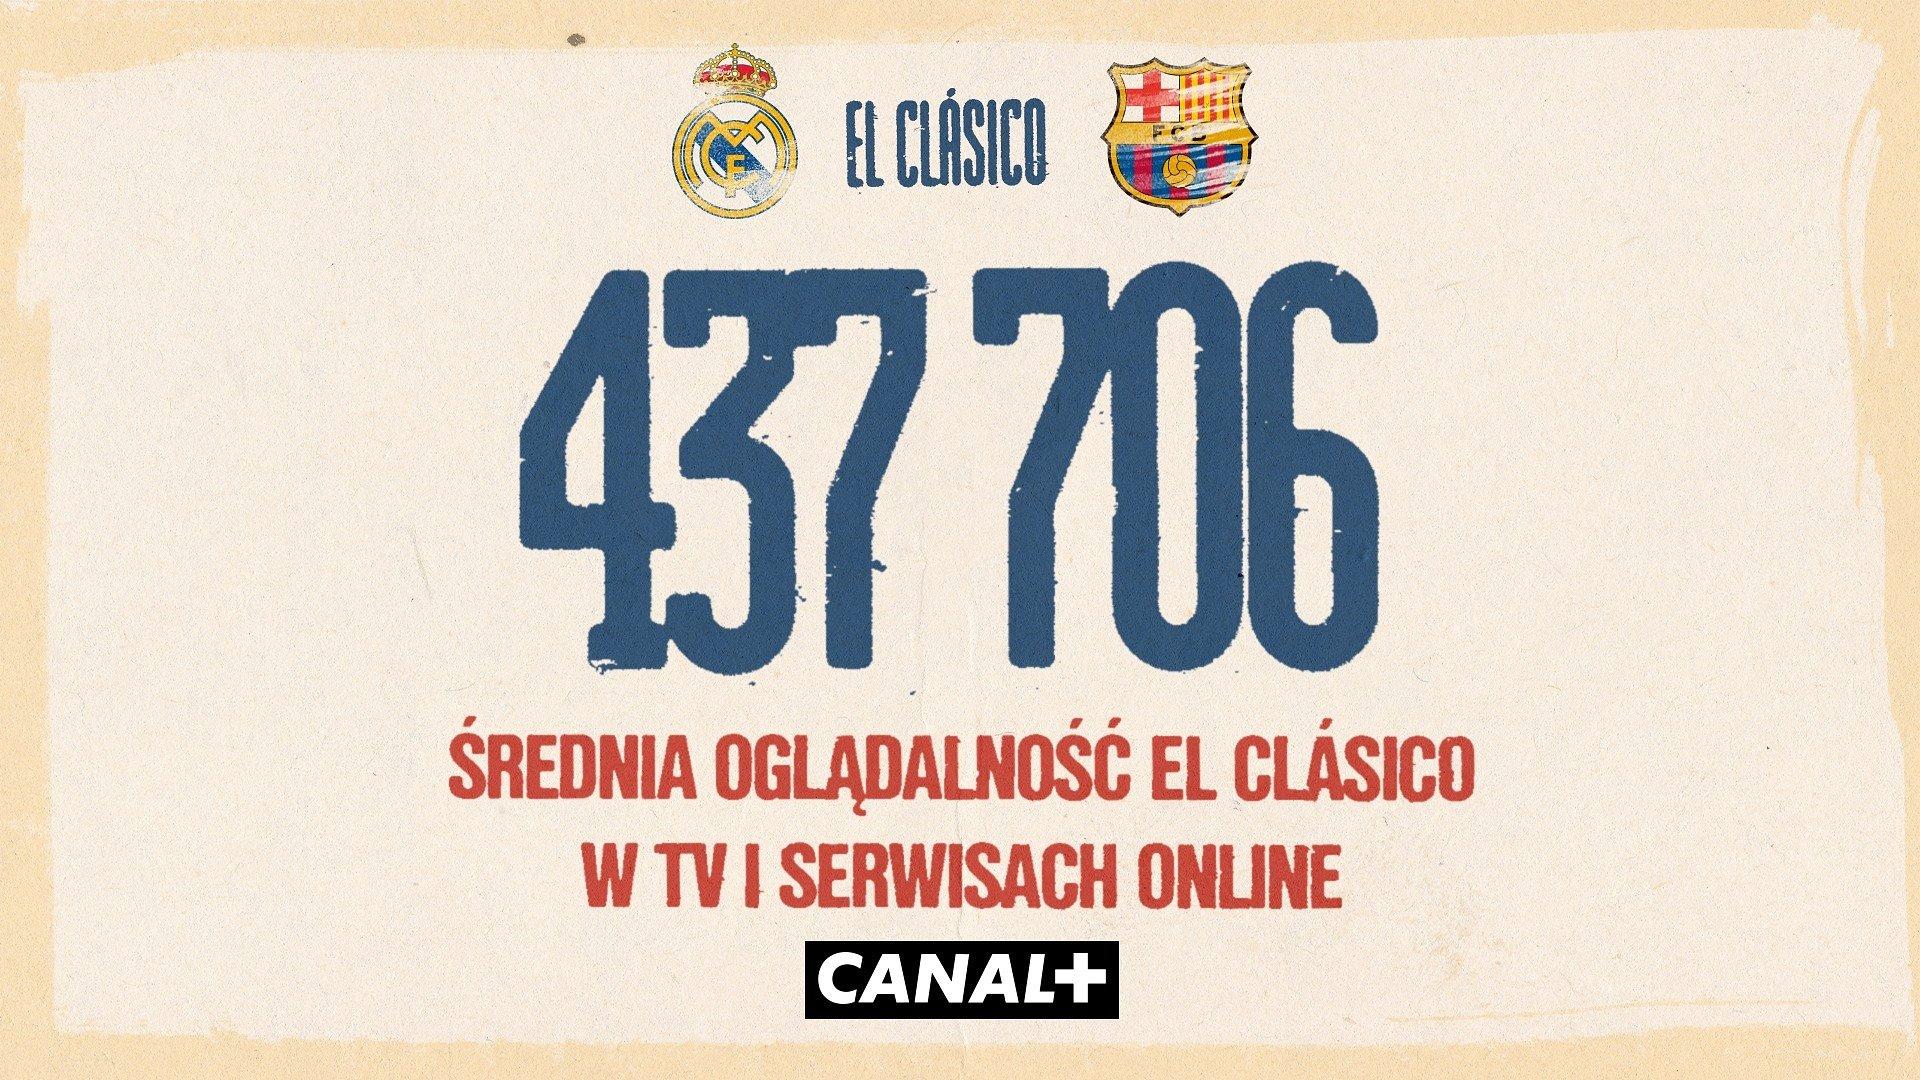 Świetny wynik oglądalności El Clásico w CANAL+